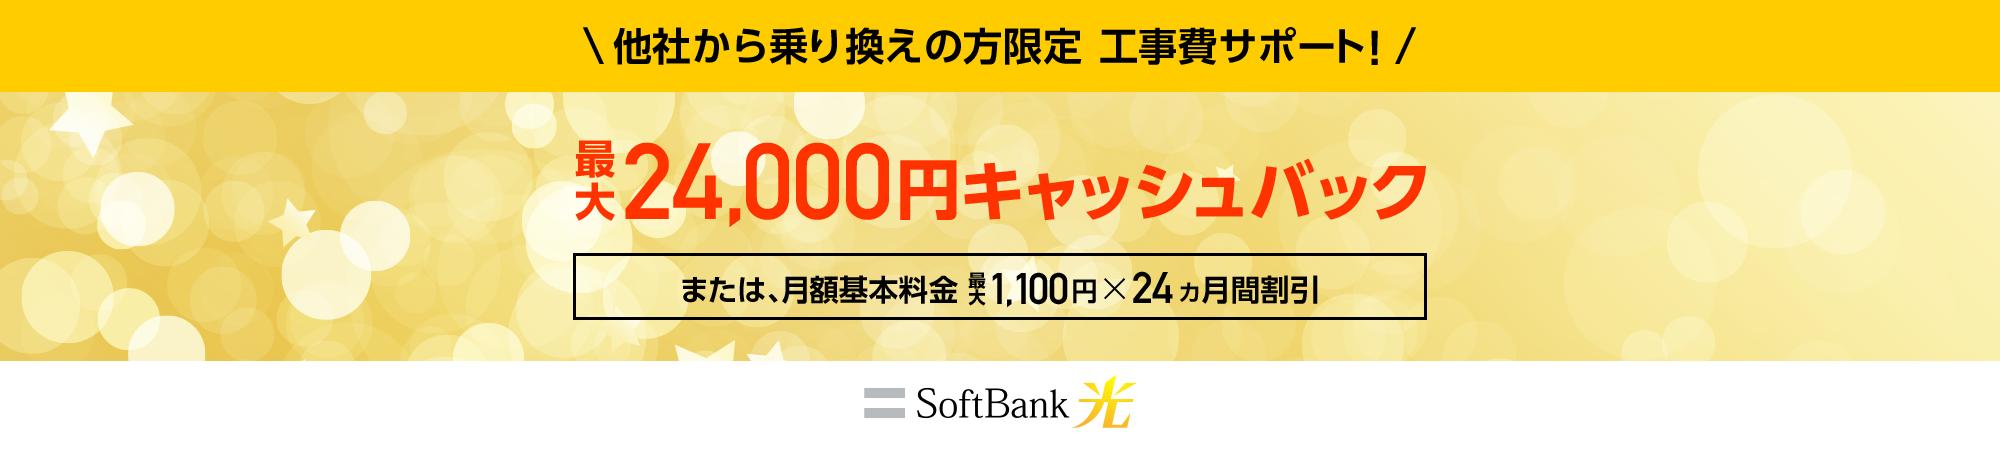 ソフトバンク光工事費最大24,000円キャッシュバック